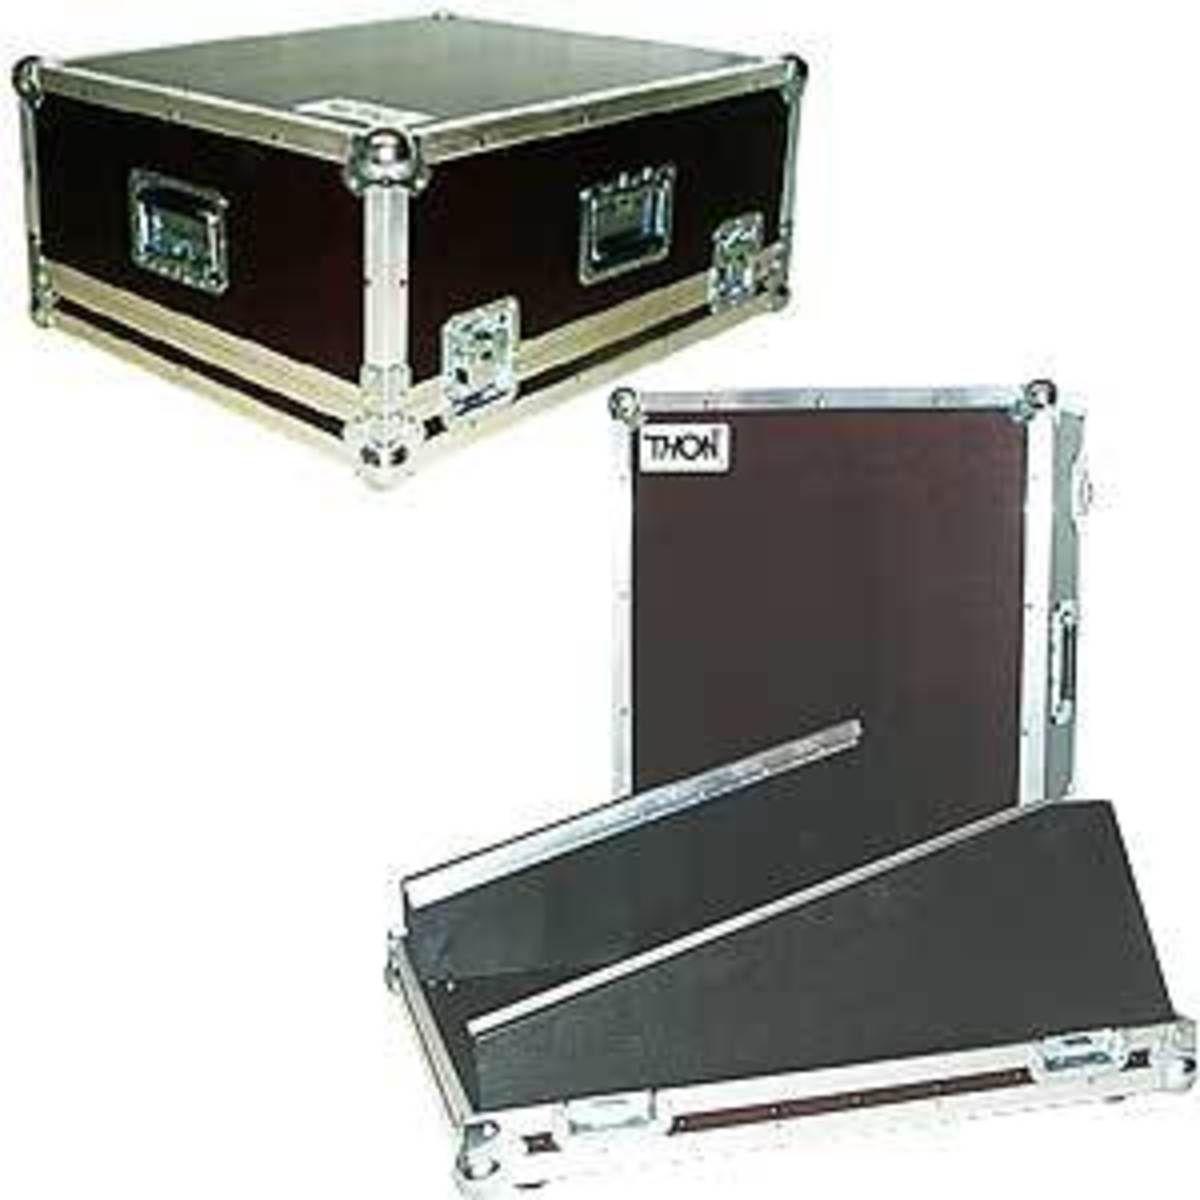 behringer ddx3216 image 22712 audiofanzine. Black Bedroom Furniture Sets. Home Design Ideas